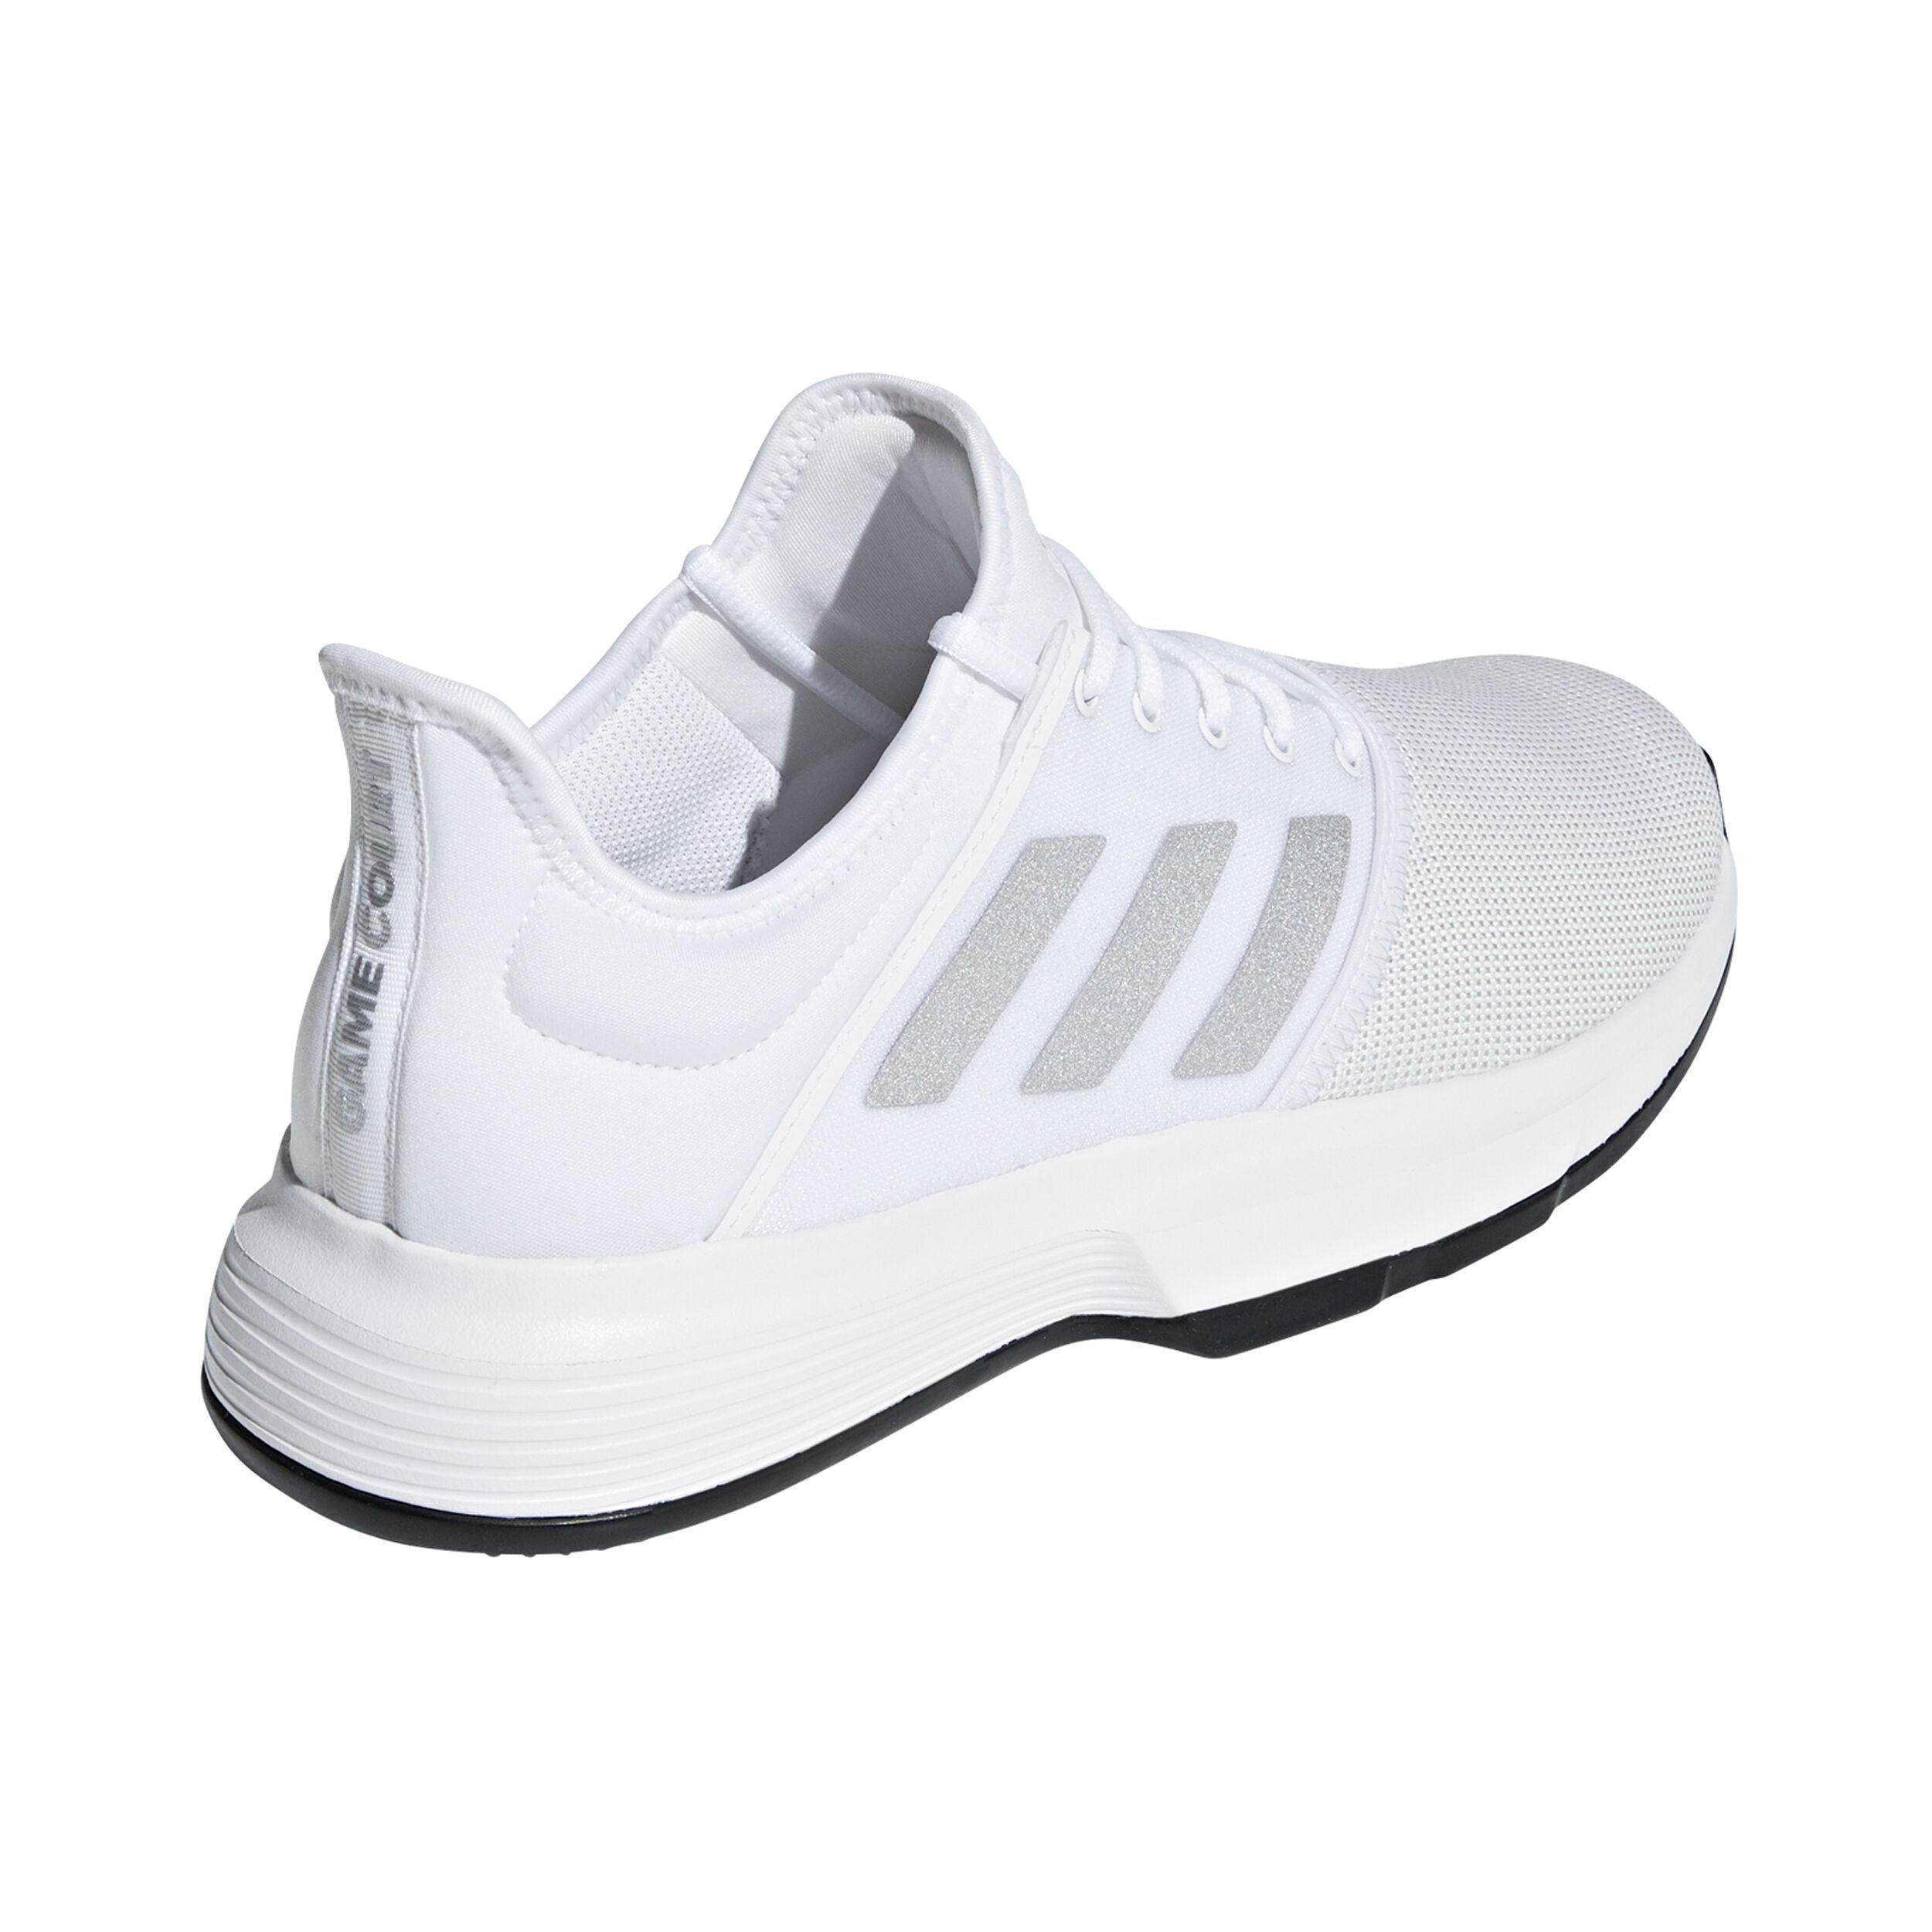 adidas Game Court Chaussure Tout Terrain Hommes Blanc